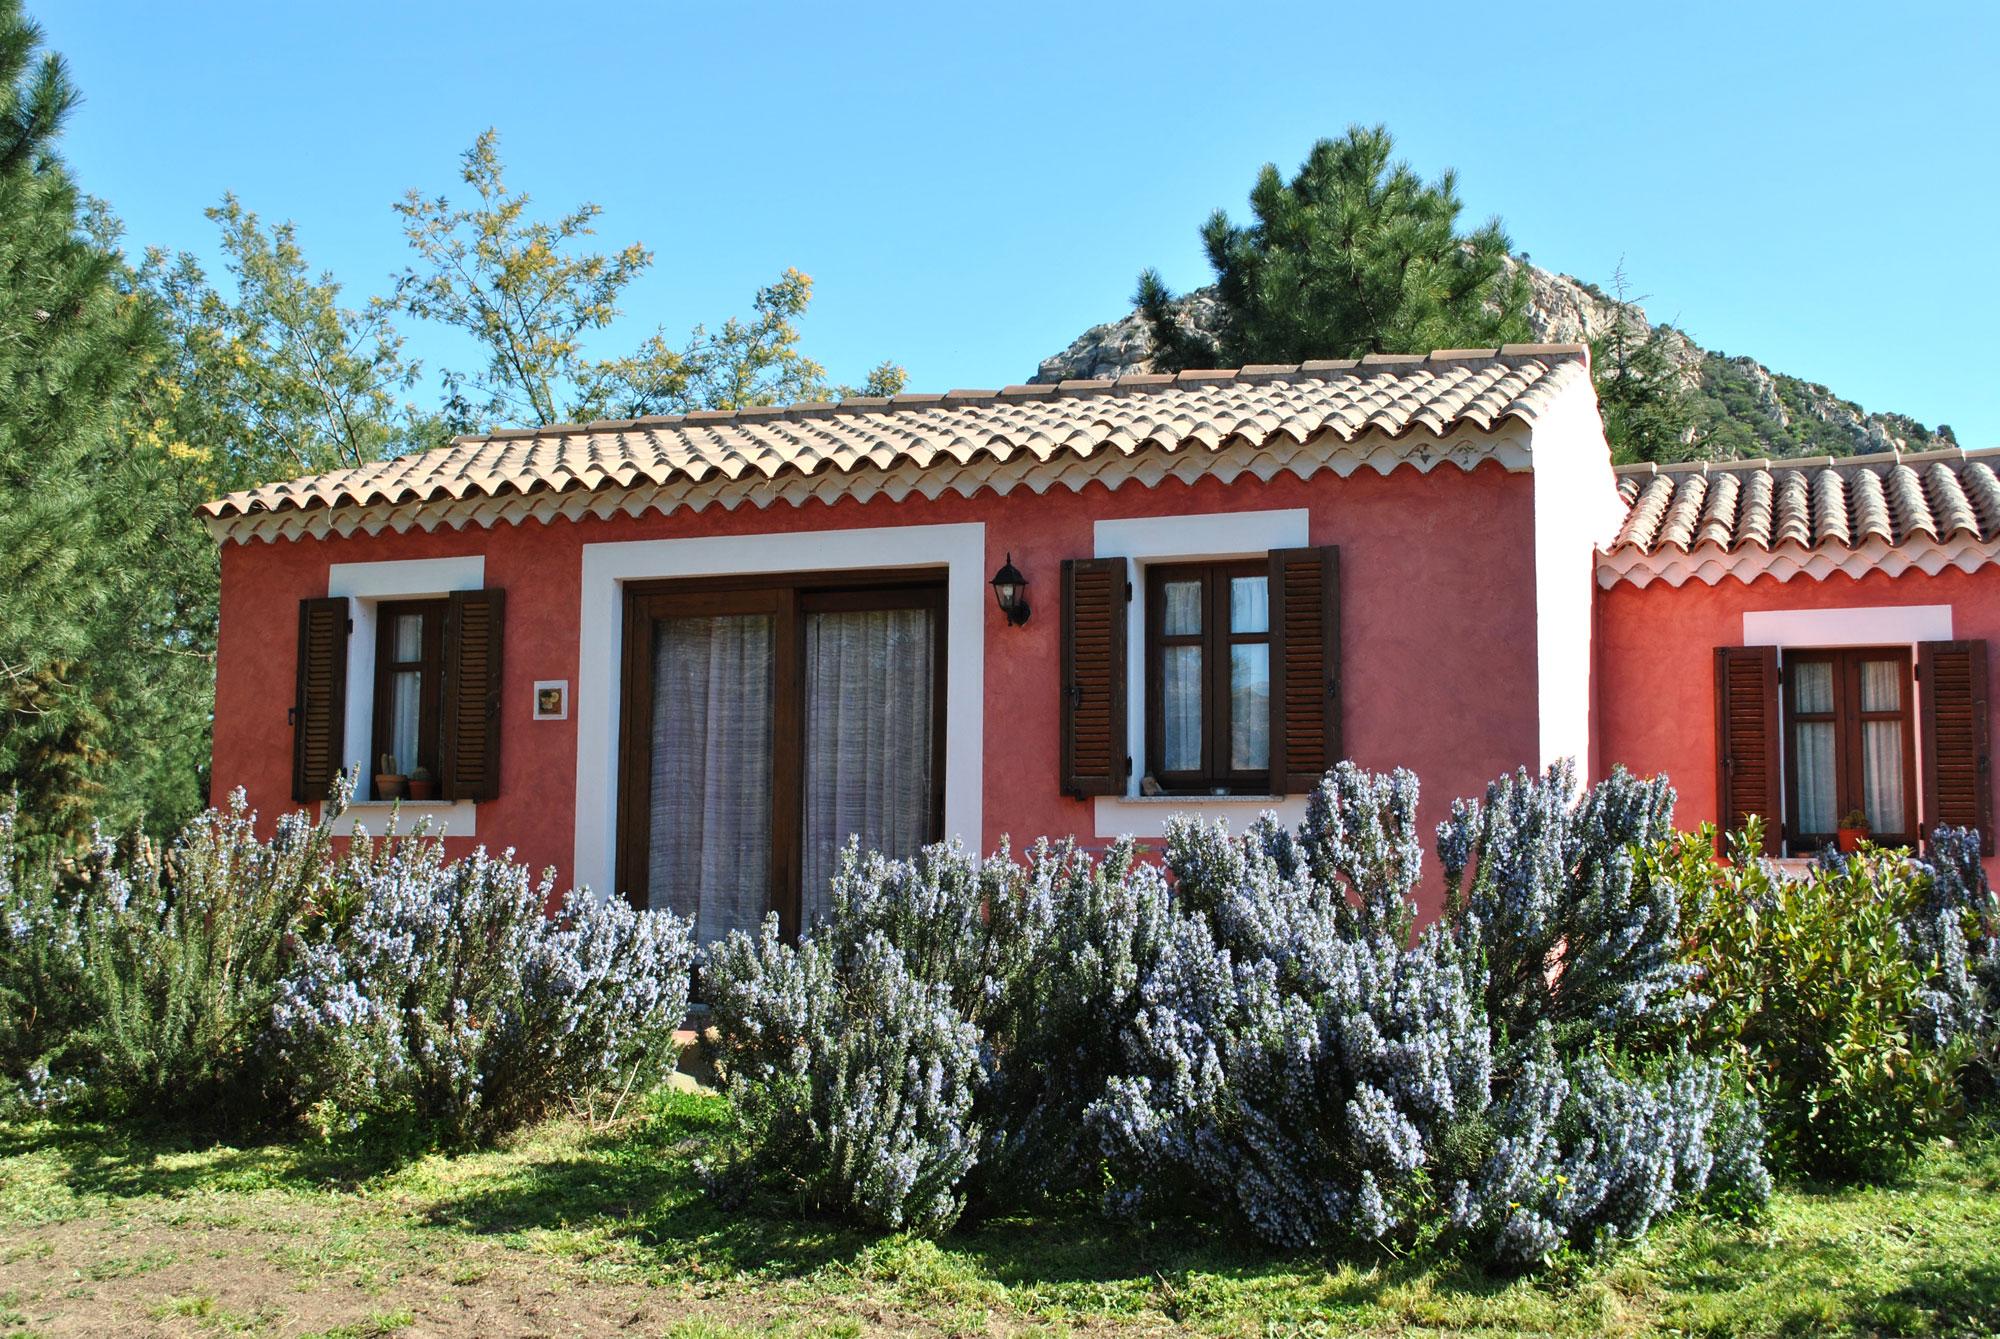 Simple favori colore casa esterno cheap per esterni u esterno with colore casa da with colorare - Colorare casa esterno ...